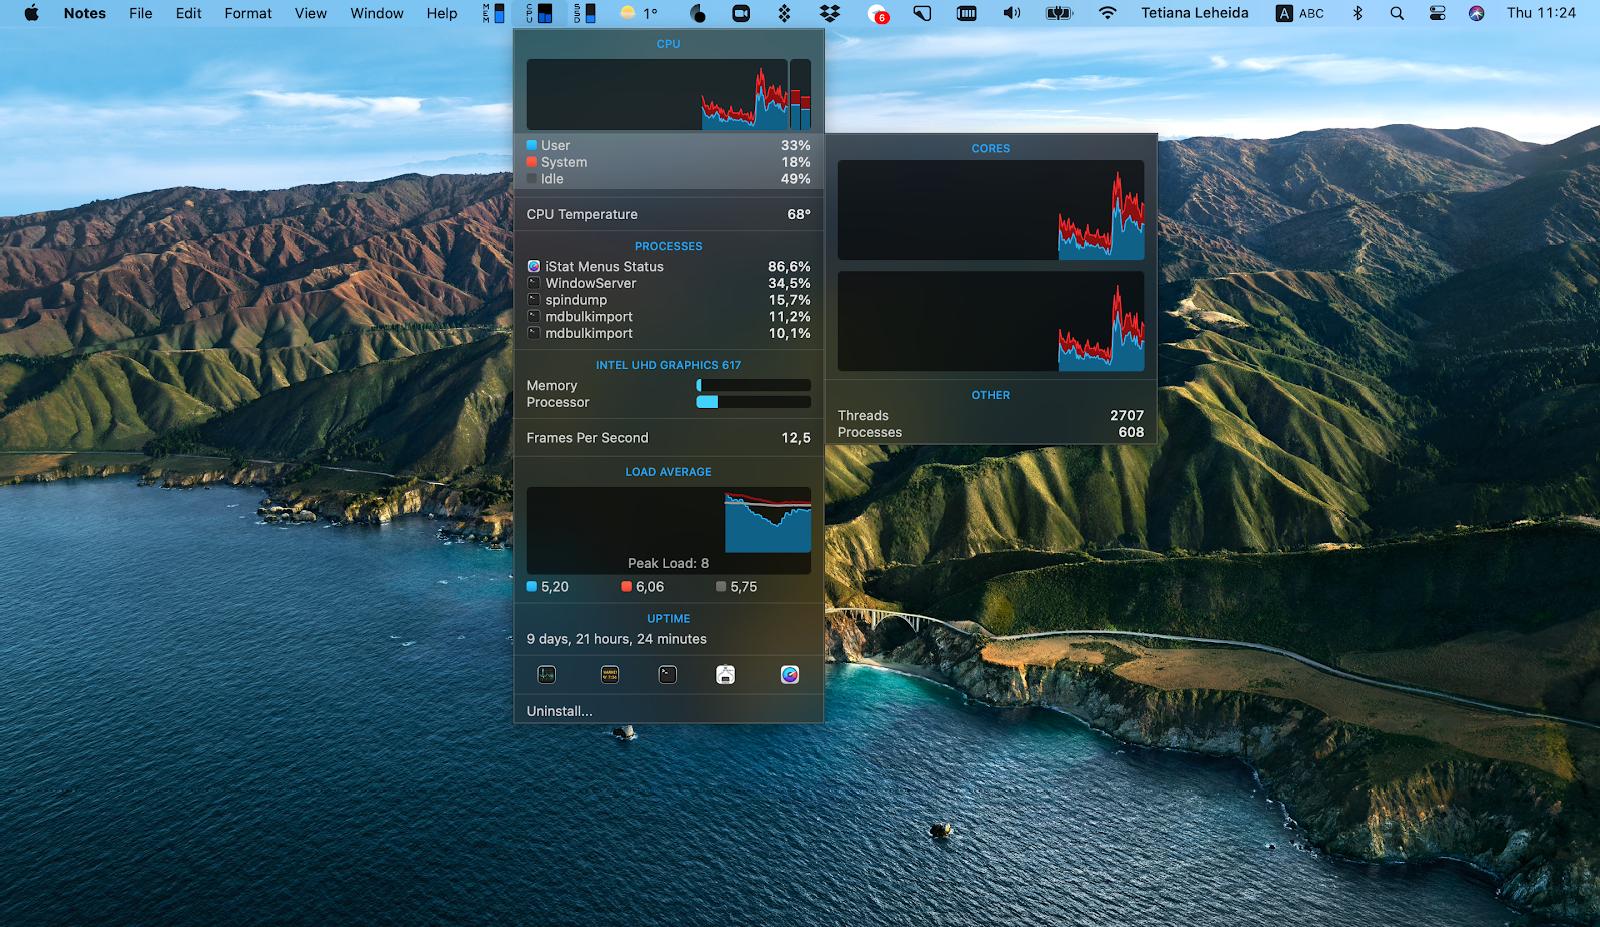 iStat Menus track performance Mac